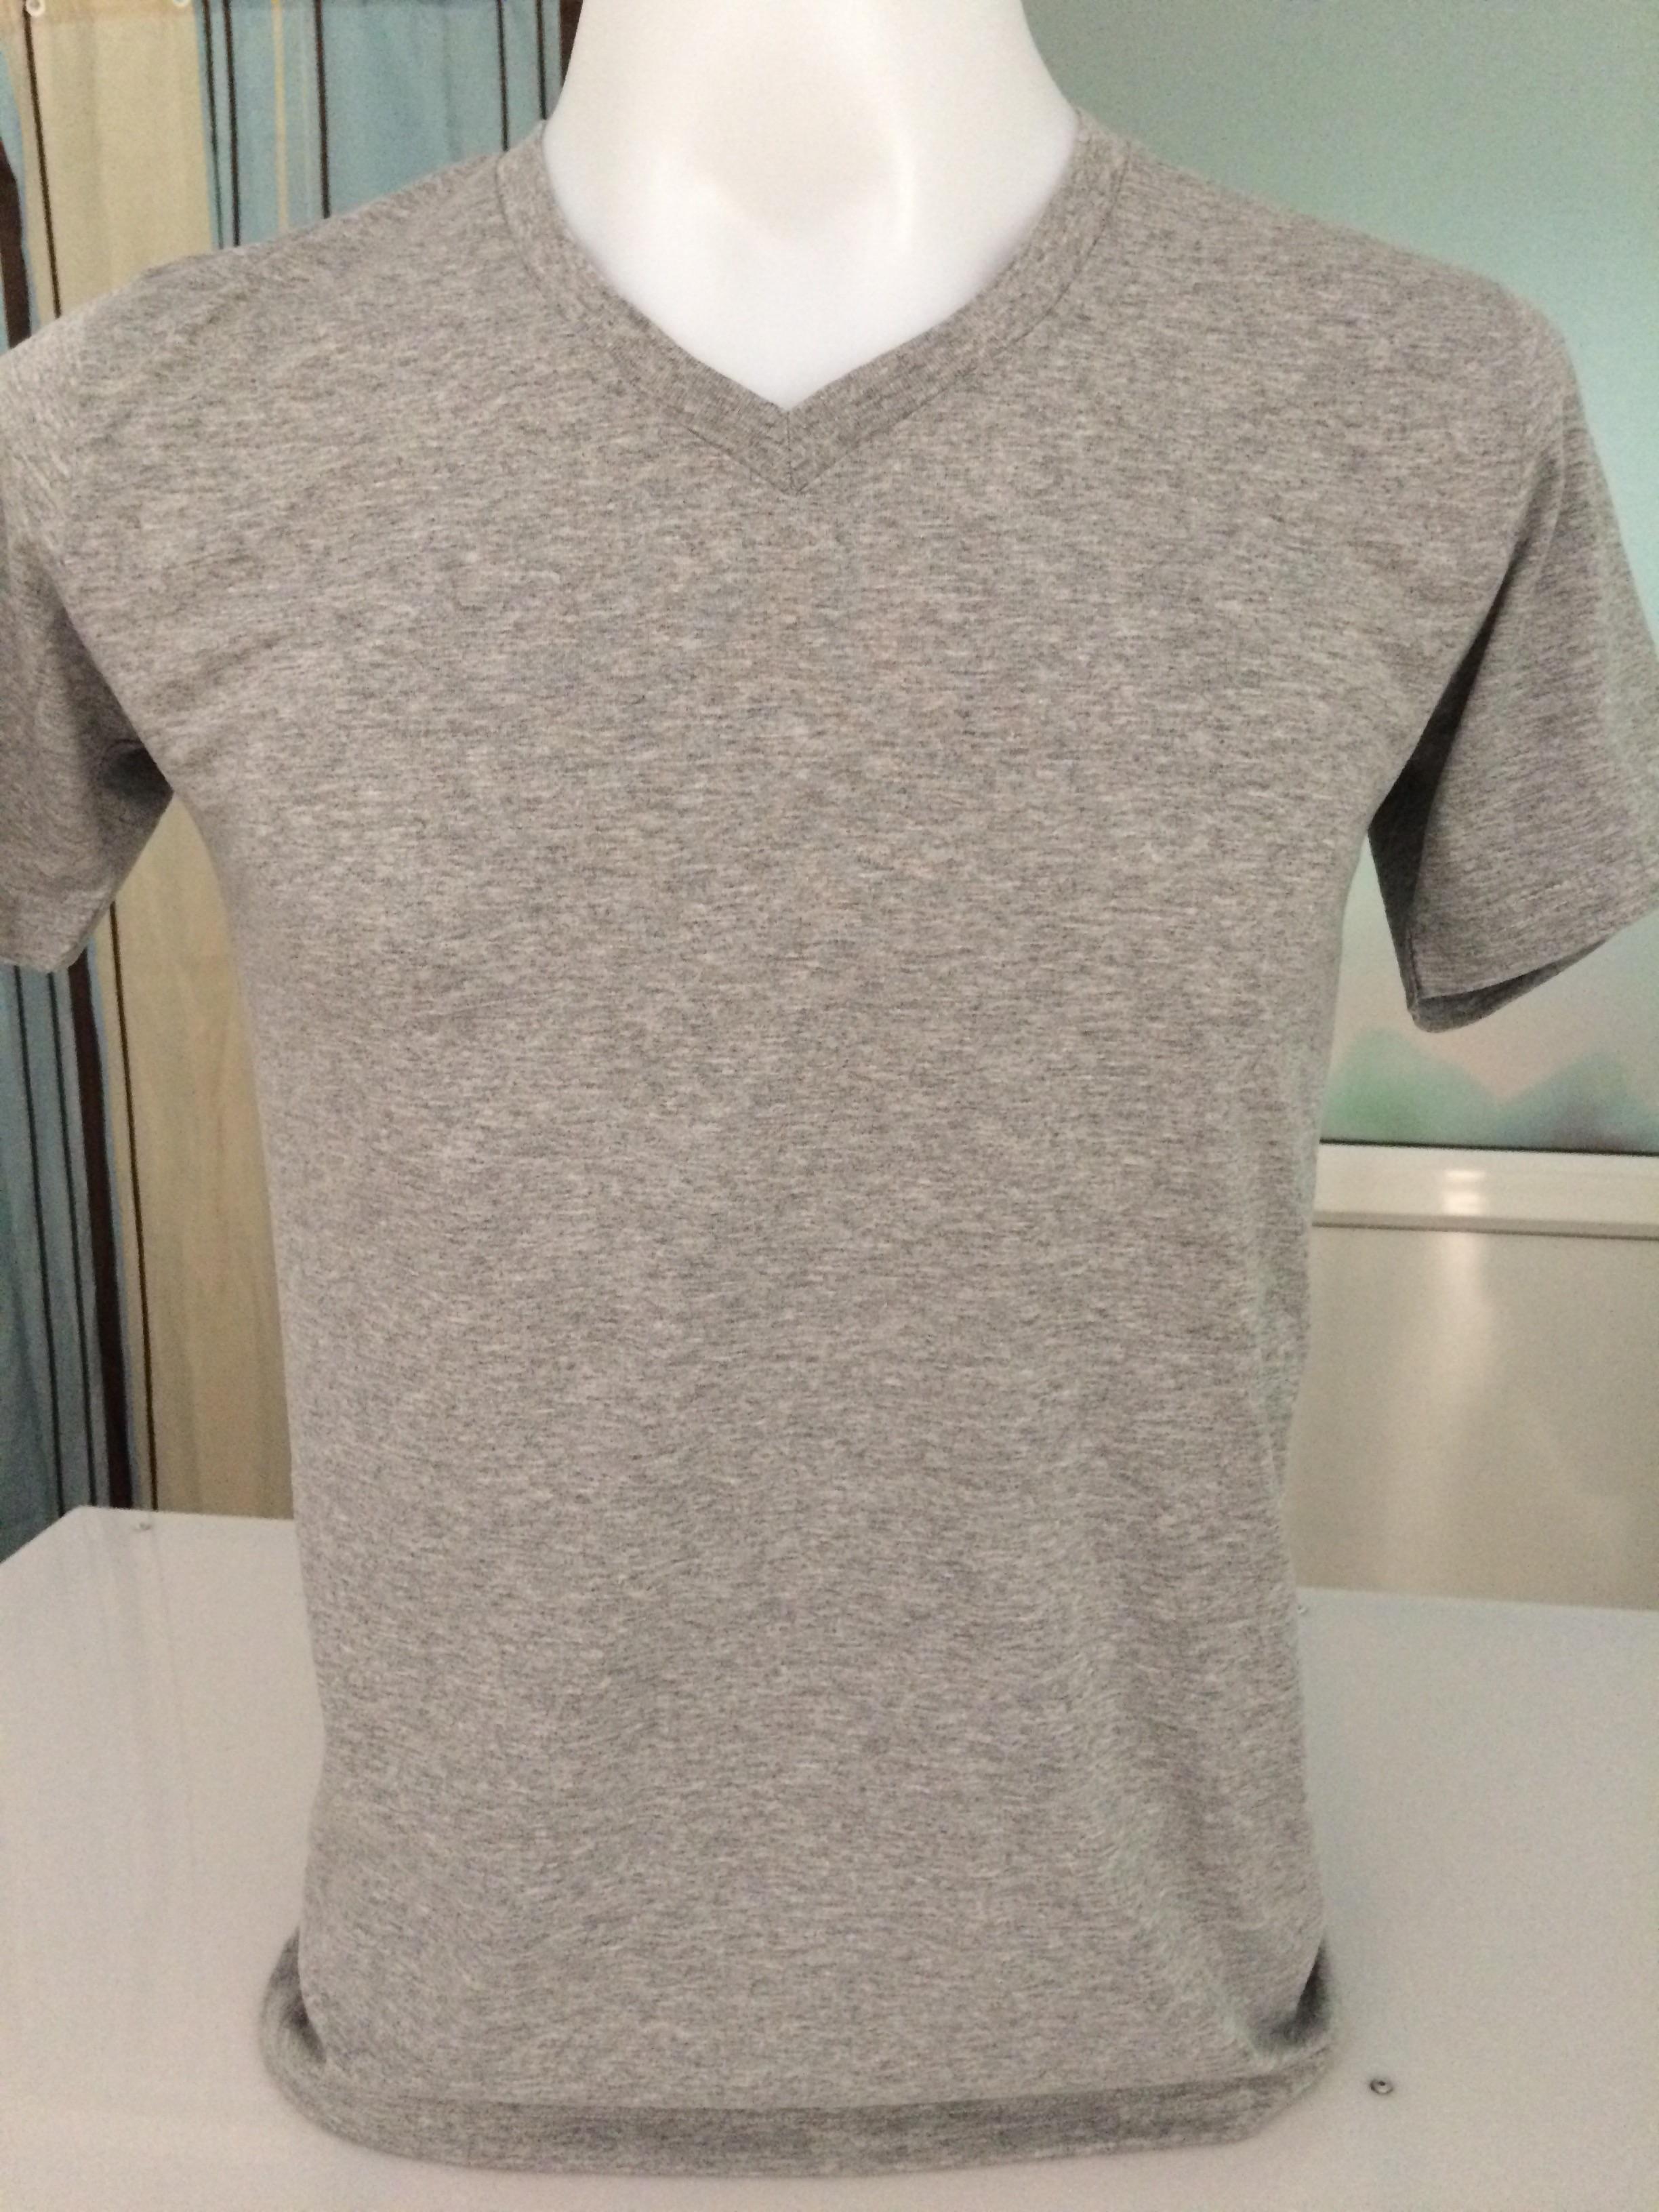 เสื้อยืดสีเทากับการสกรีนเสื้อด้วยระบบ DTG